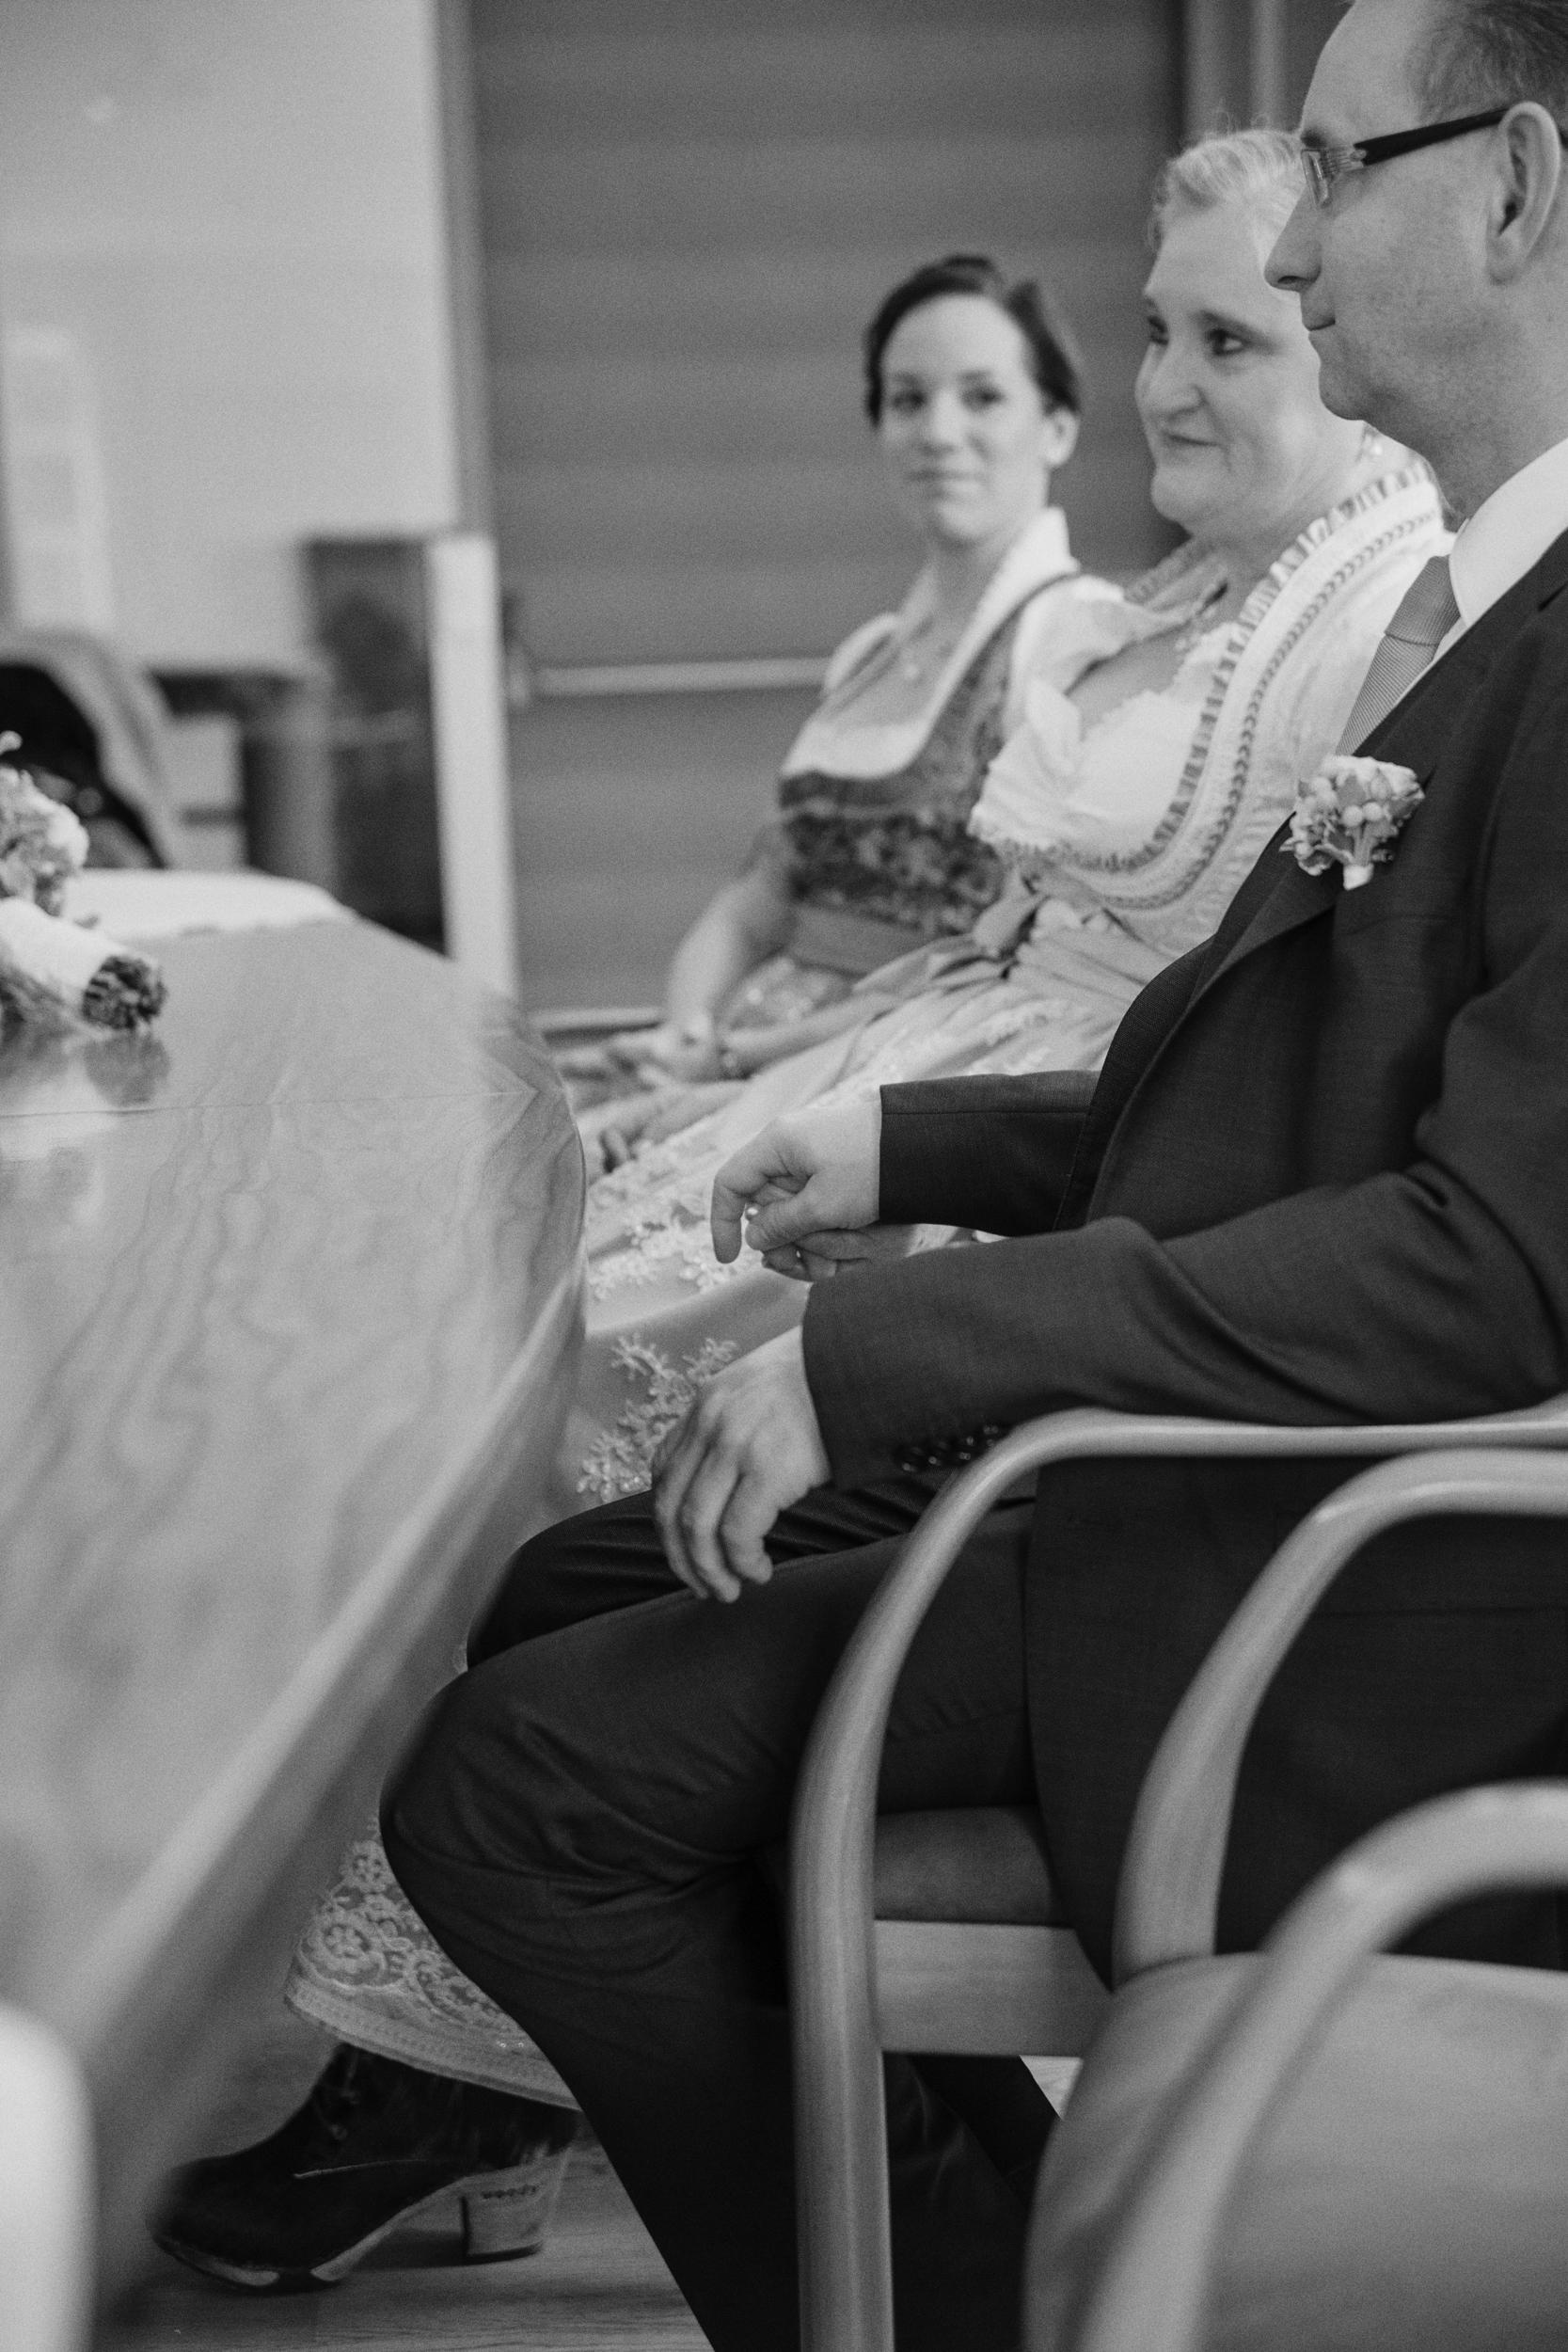 20190212_Hochzeit Koenig_0220-Edit.jpg